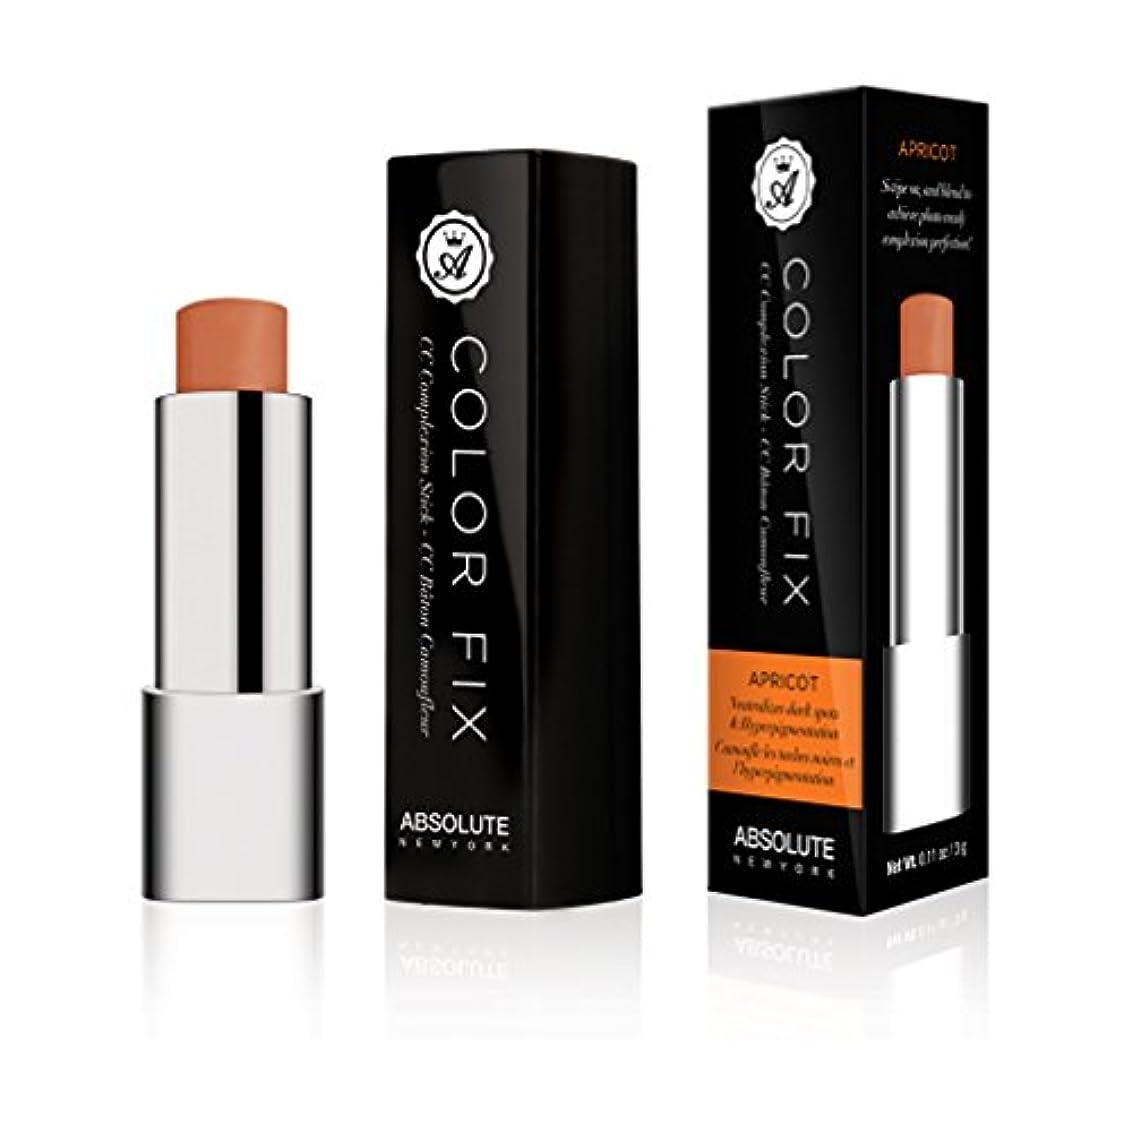 メイト条約致死(3 Pack) ABSOLUTE Color Fix Complexion Stick - Apricot (並行輸入品)